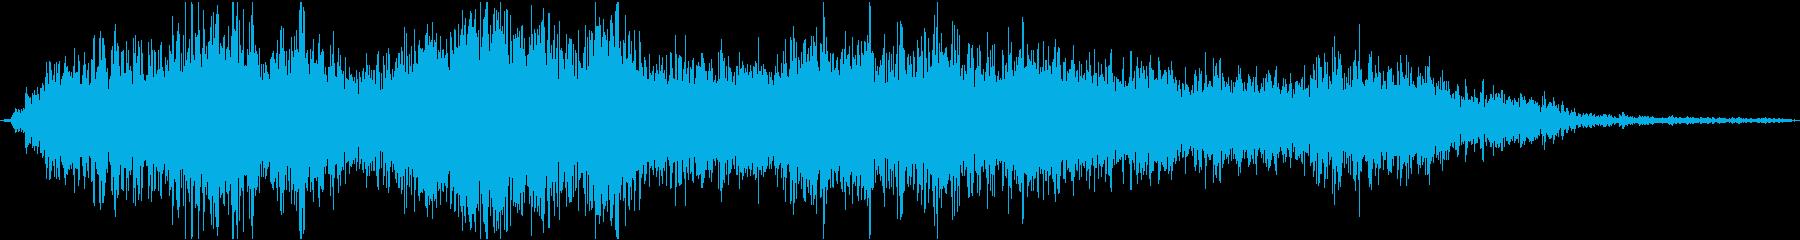 爆発的な崩壊のフーシュ、宇宙のフー...の再生済みの波形